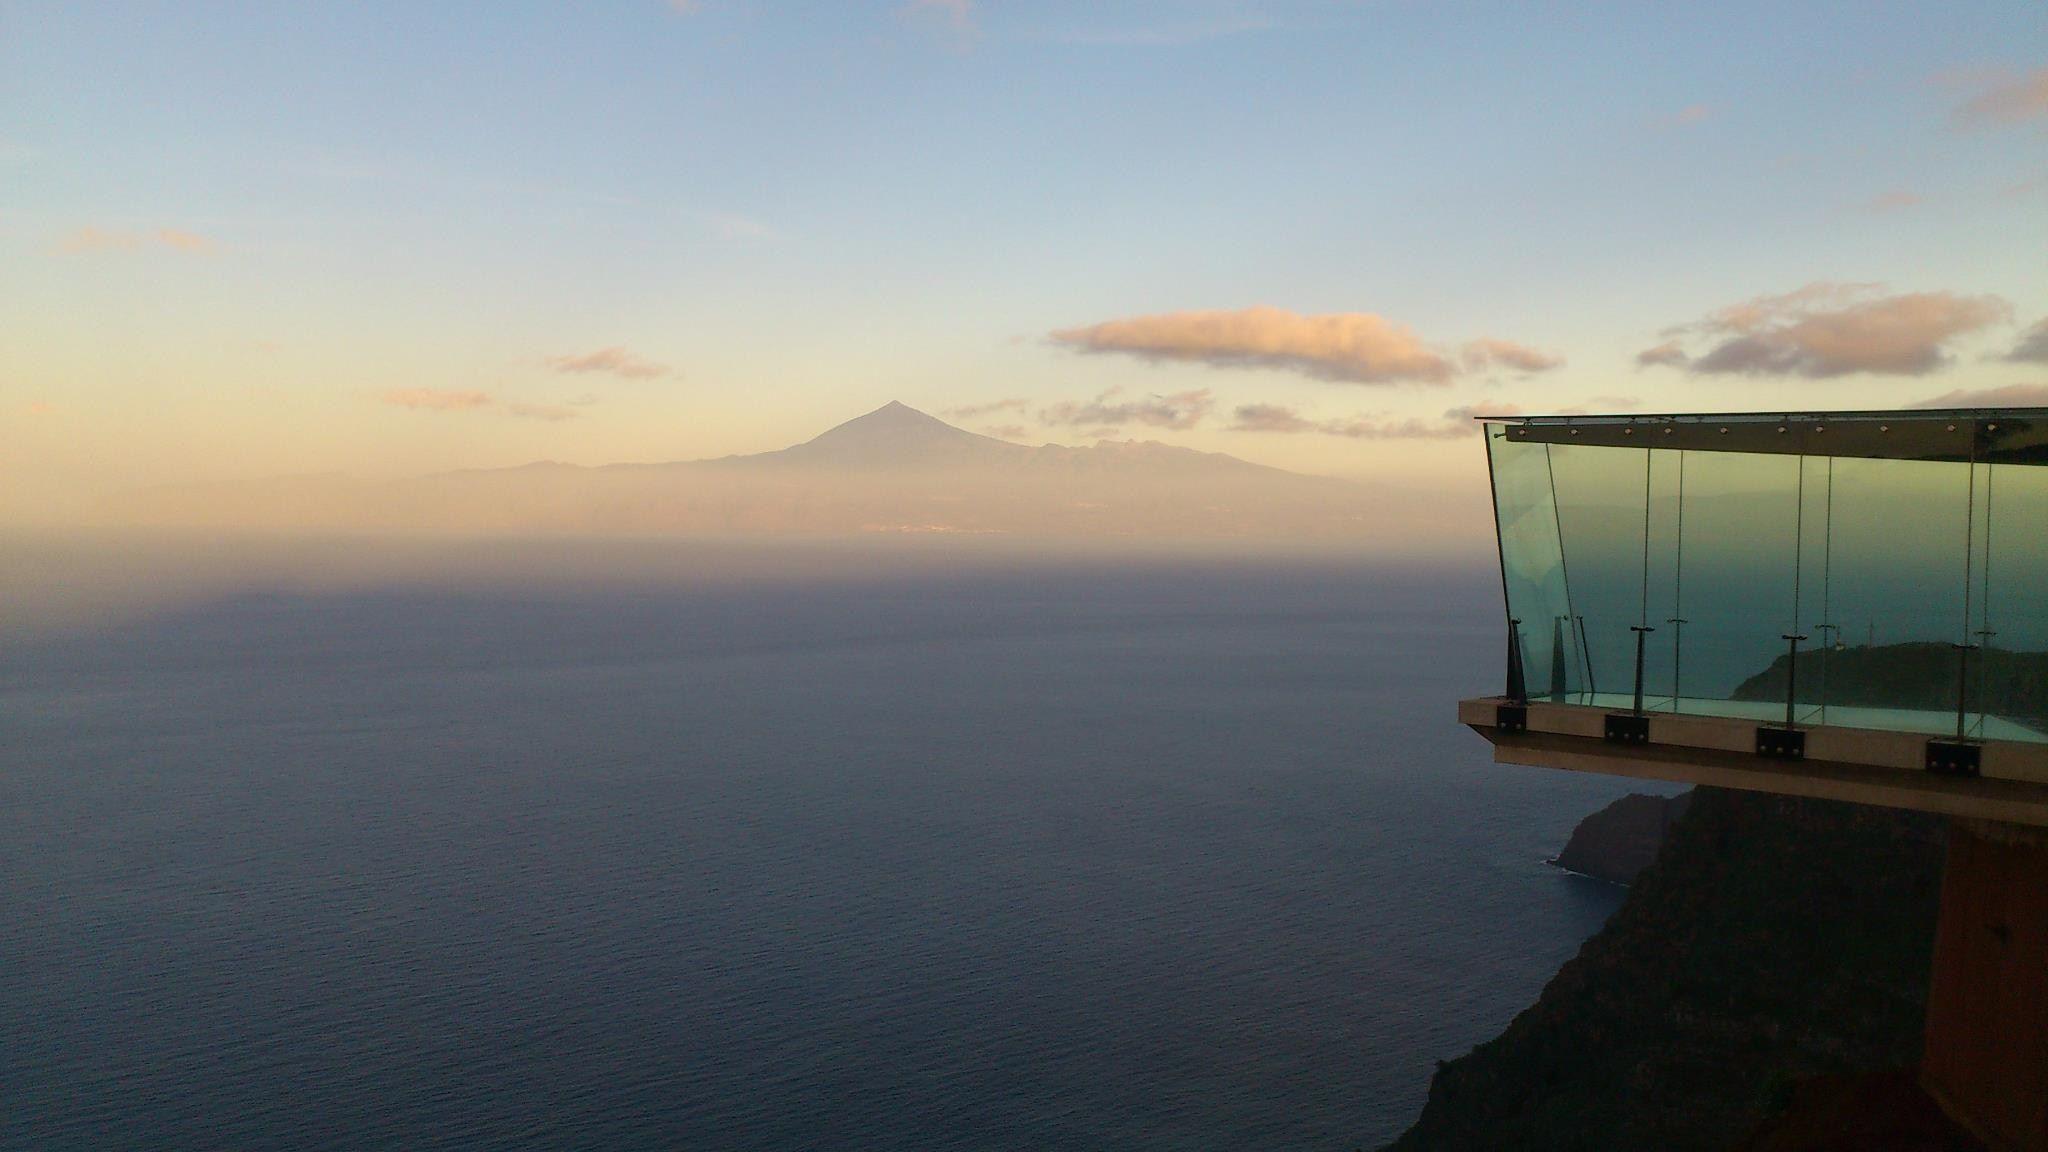 Mirador de Abrantes, Islas Canarias